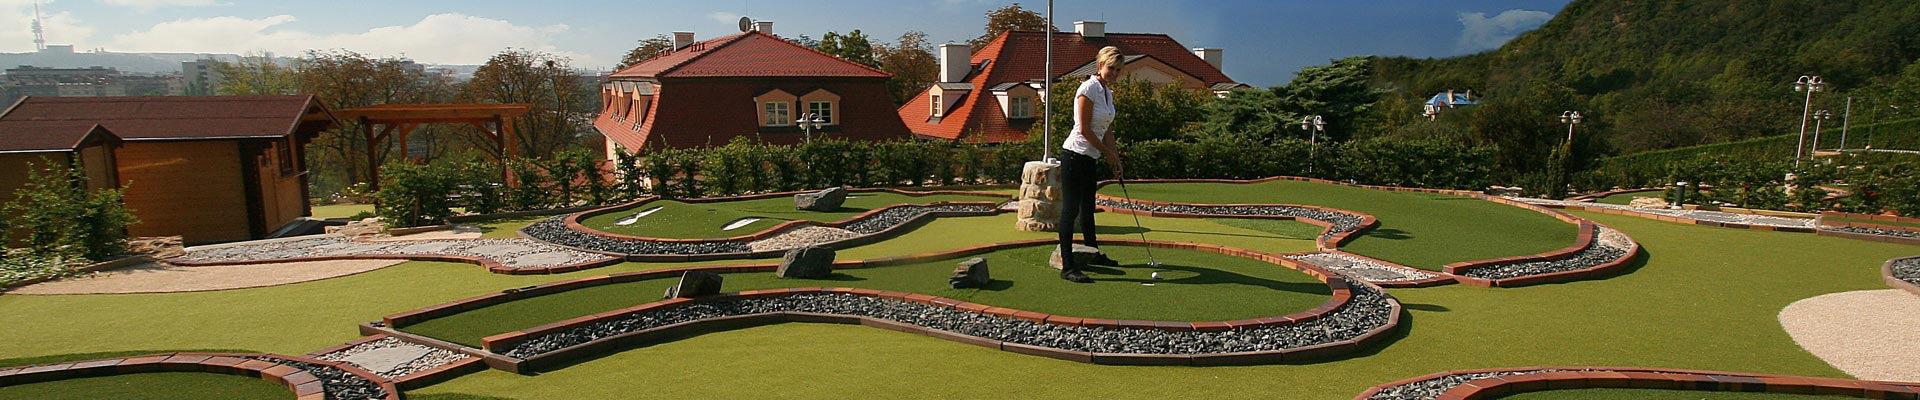 golf-1920x400.jpg